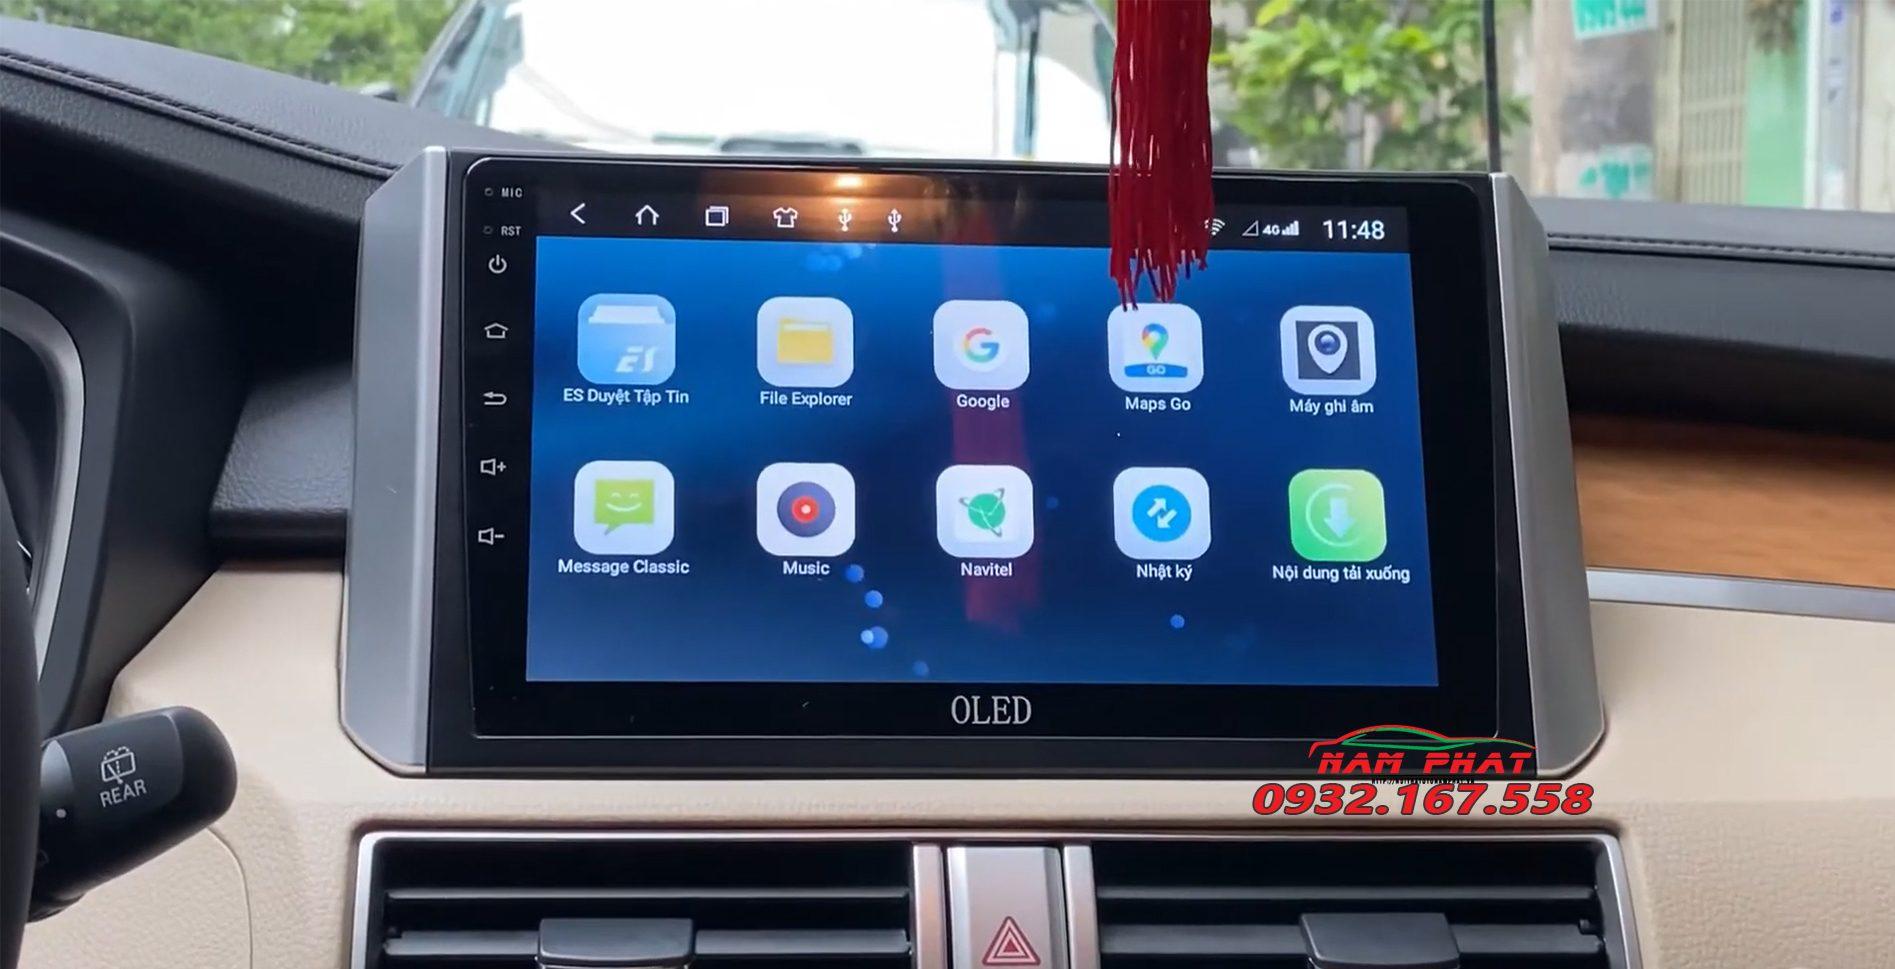 Màn hình Android Oled tại Gò Vấp